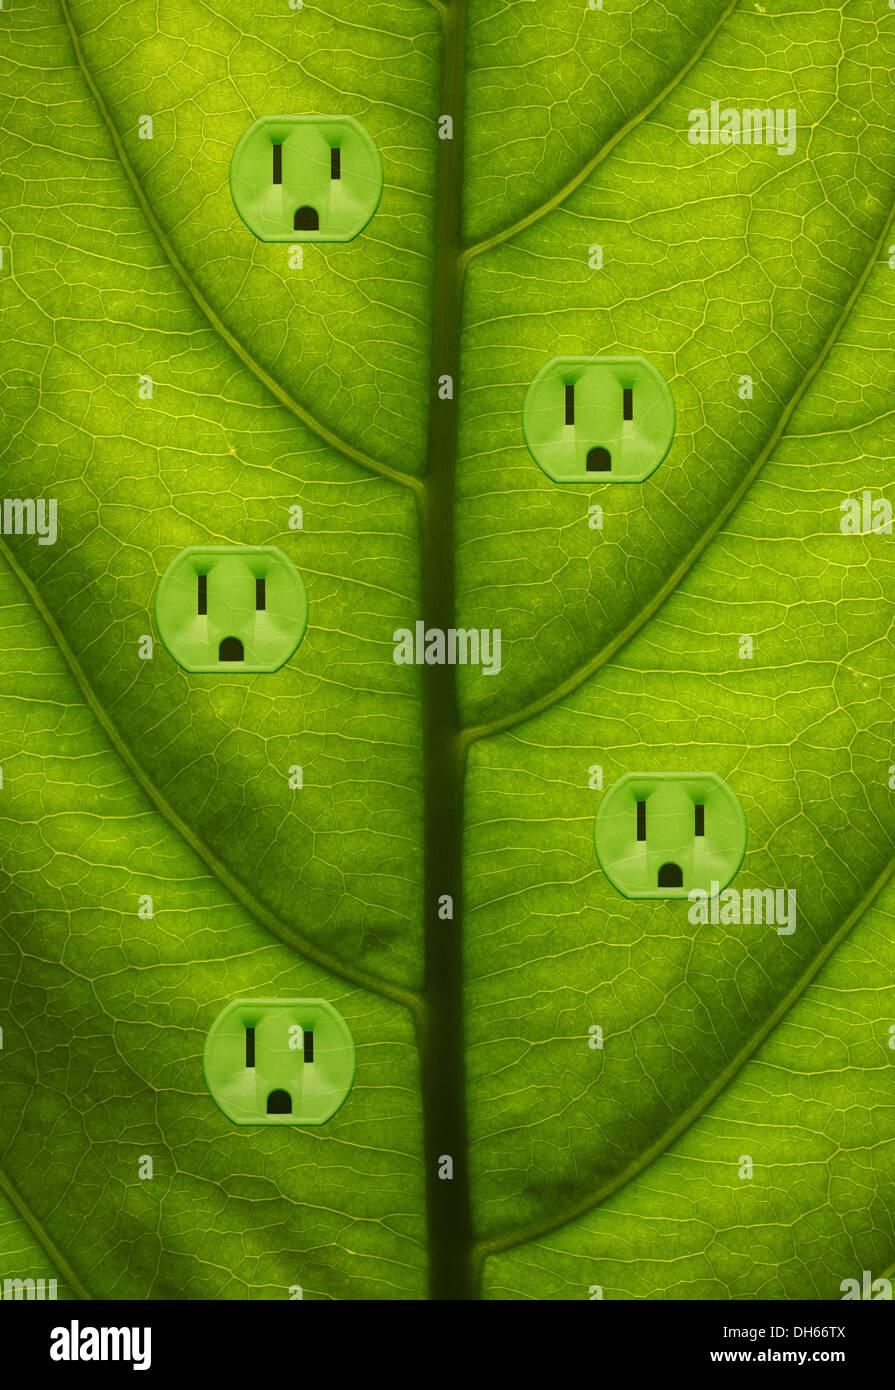 Nahaufnahme einer grünen Pflanze Blatt mit fünf grünen farbigen Steckdosen hinzugefügt. Stockbild